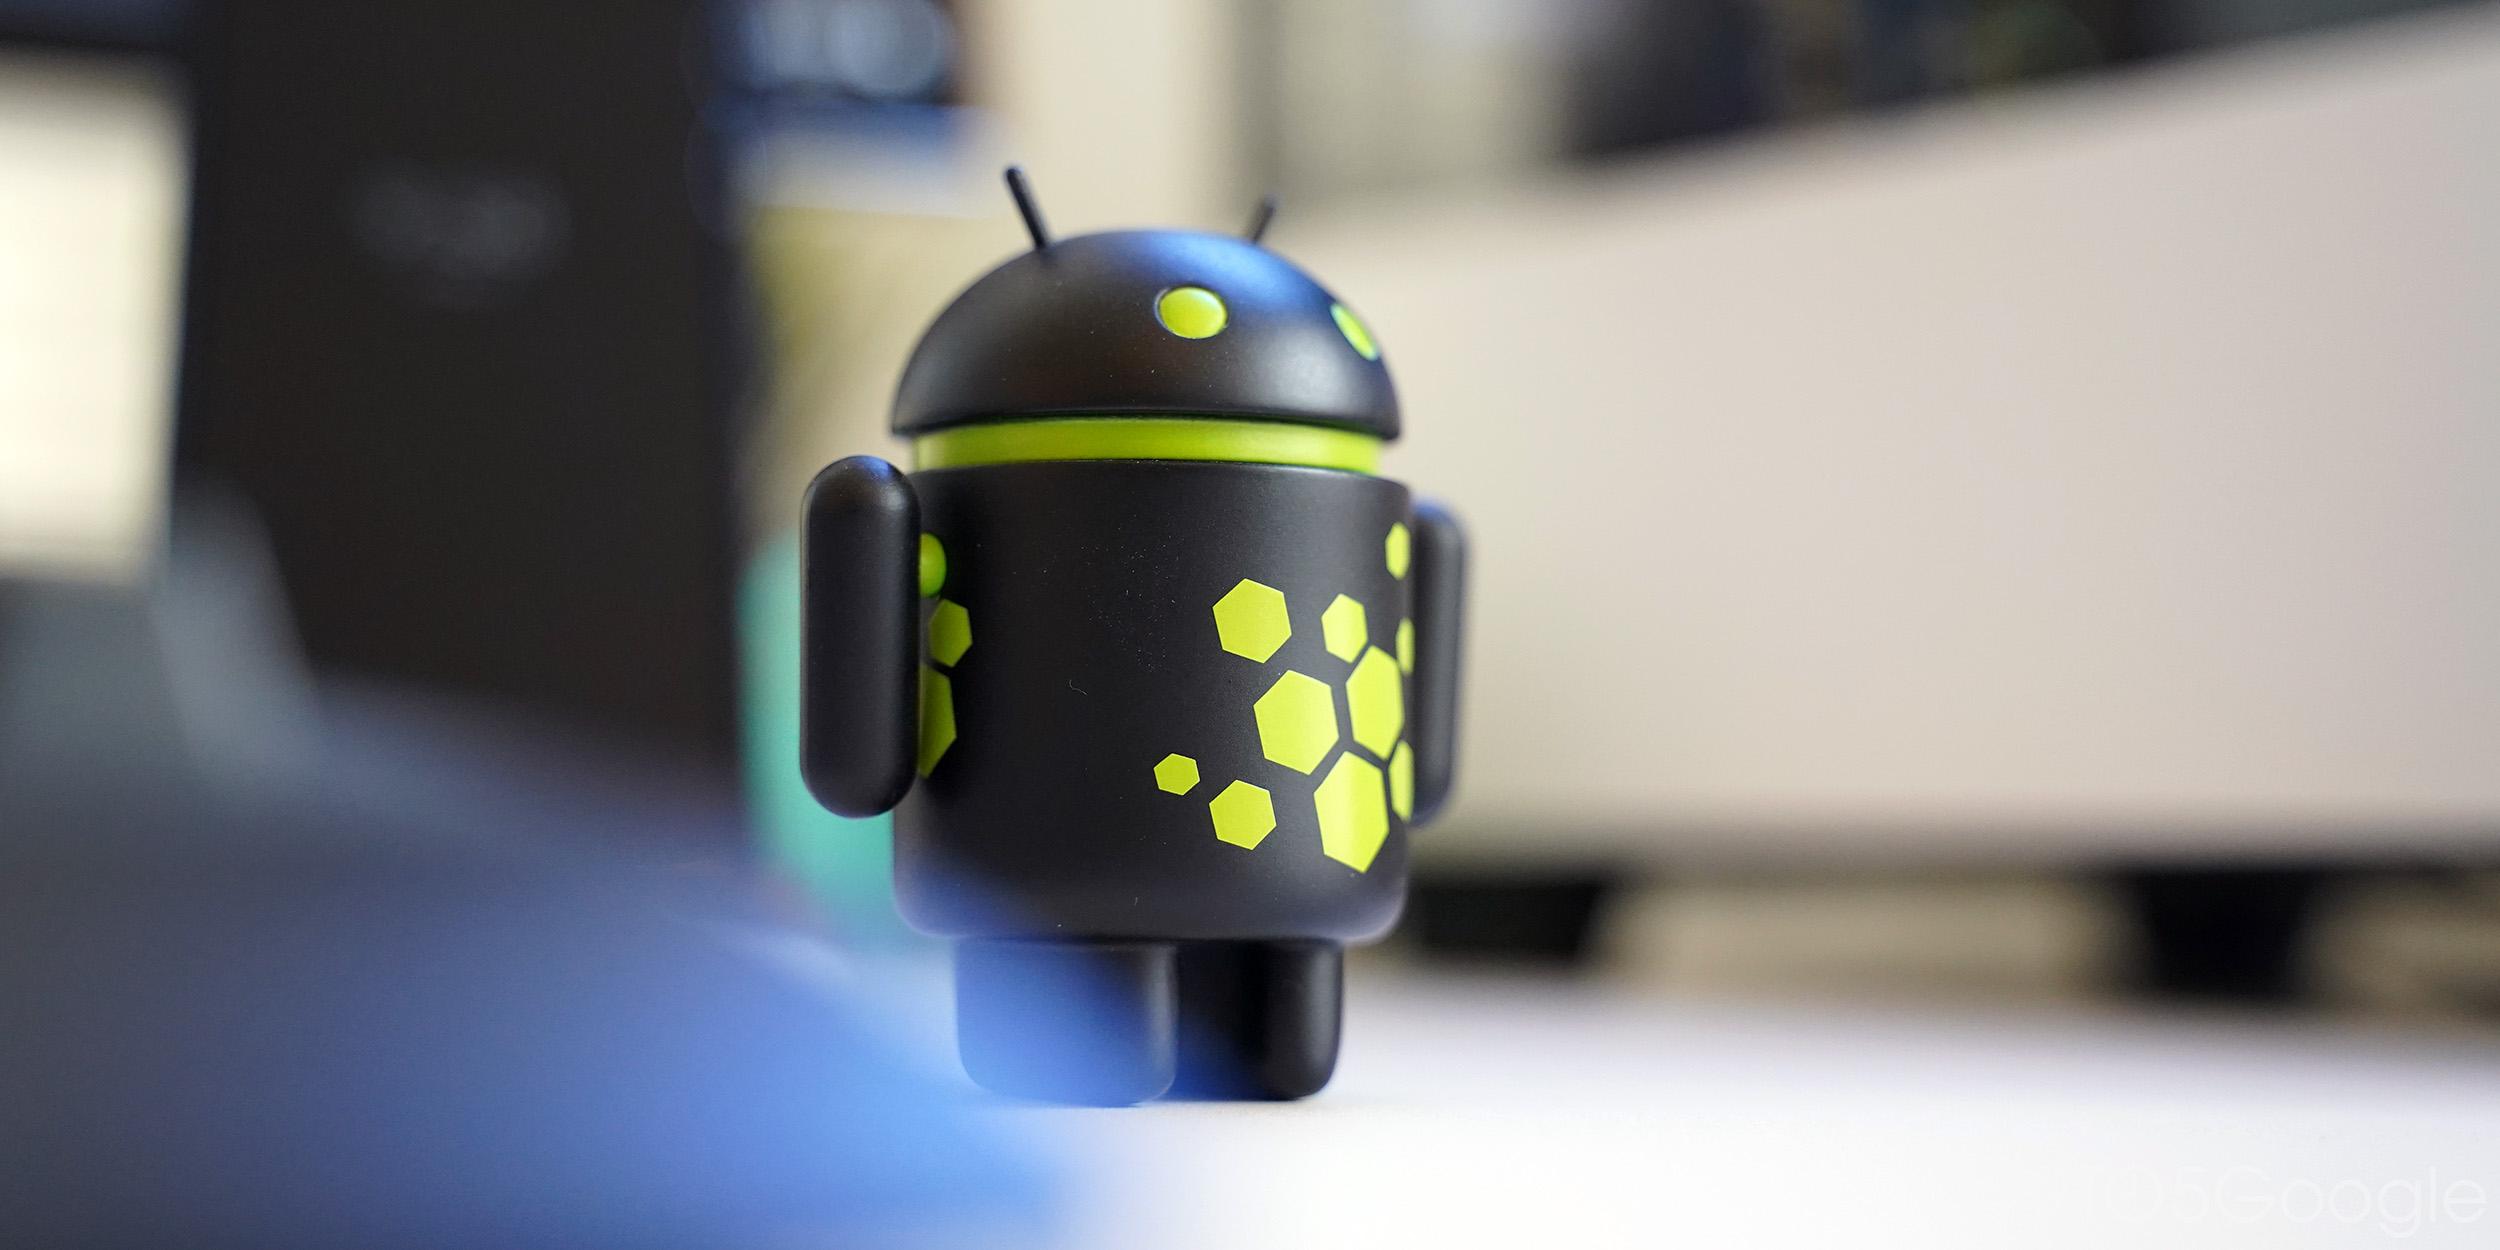 Scrollen Screenshots sind in Arbeit für Android R, sagt Dave Burke